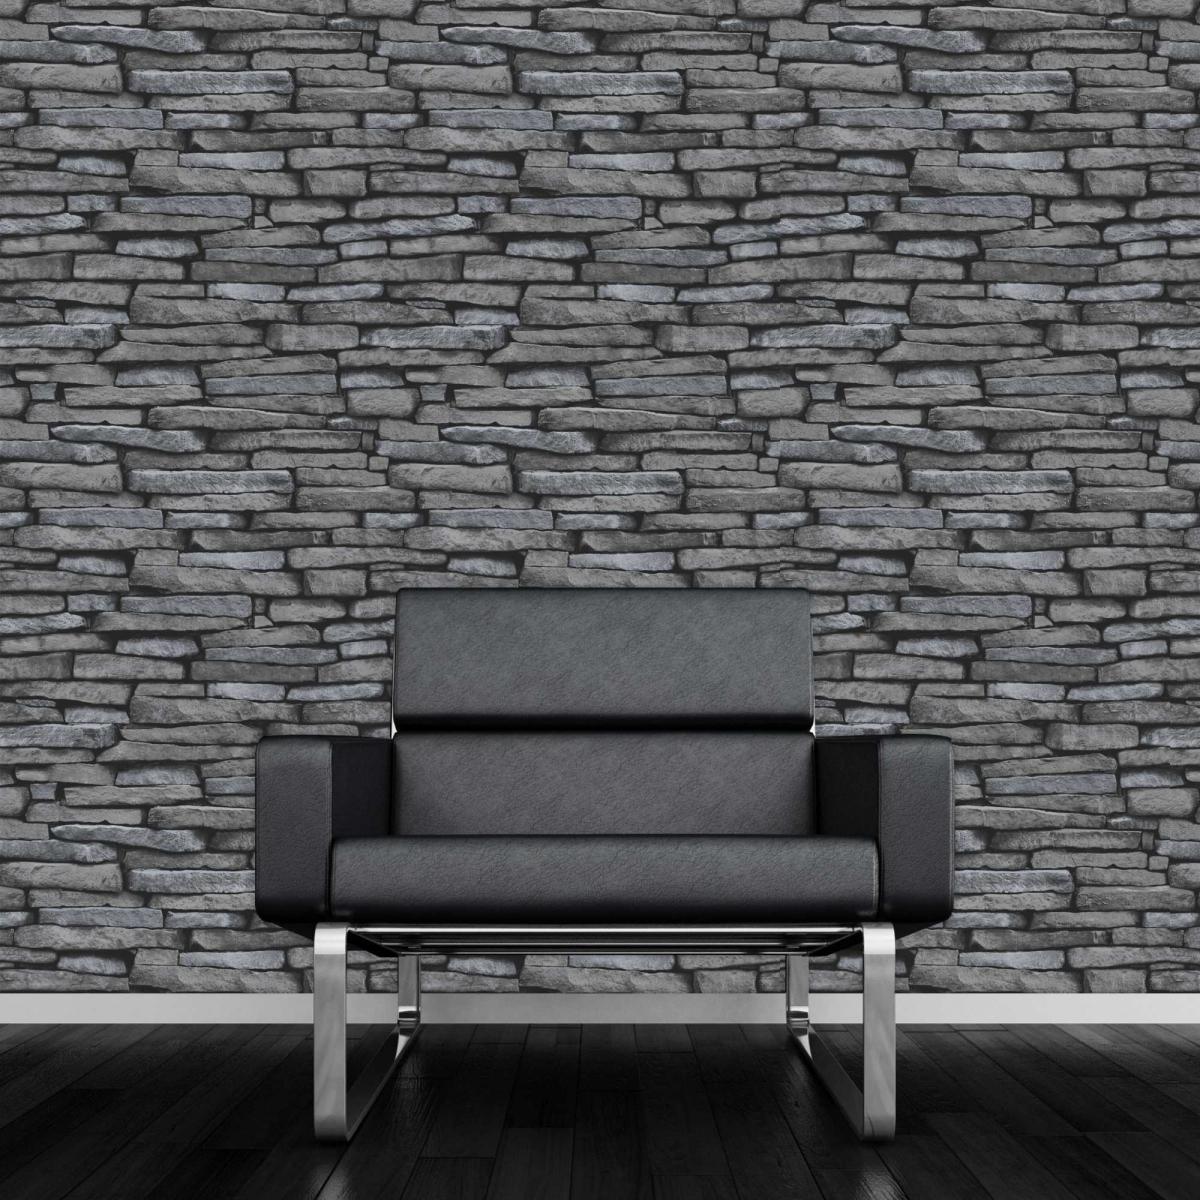 Grey Slate Wallpaper Wallpapersafari HD Wallpapers Download Free Images Wallpaper [1000image.com]